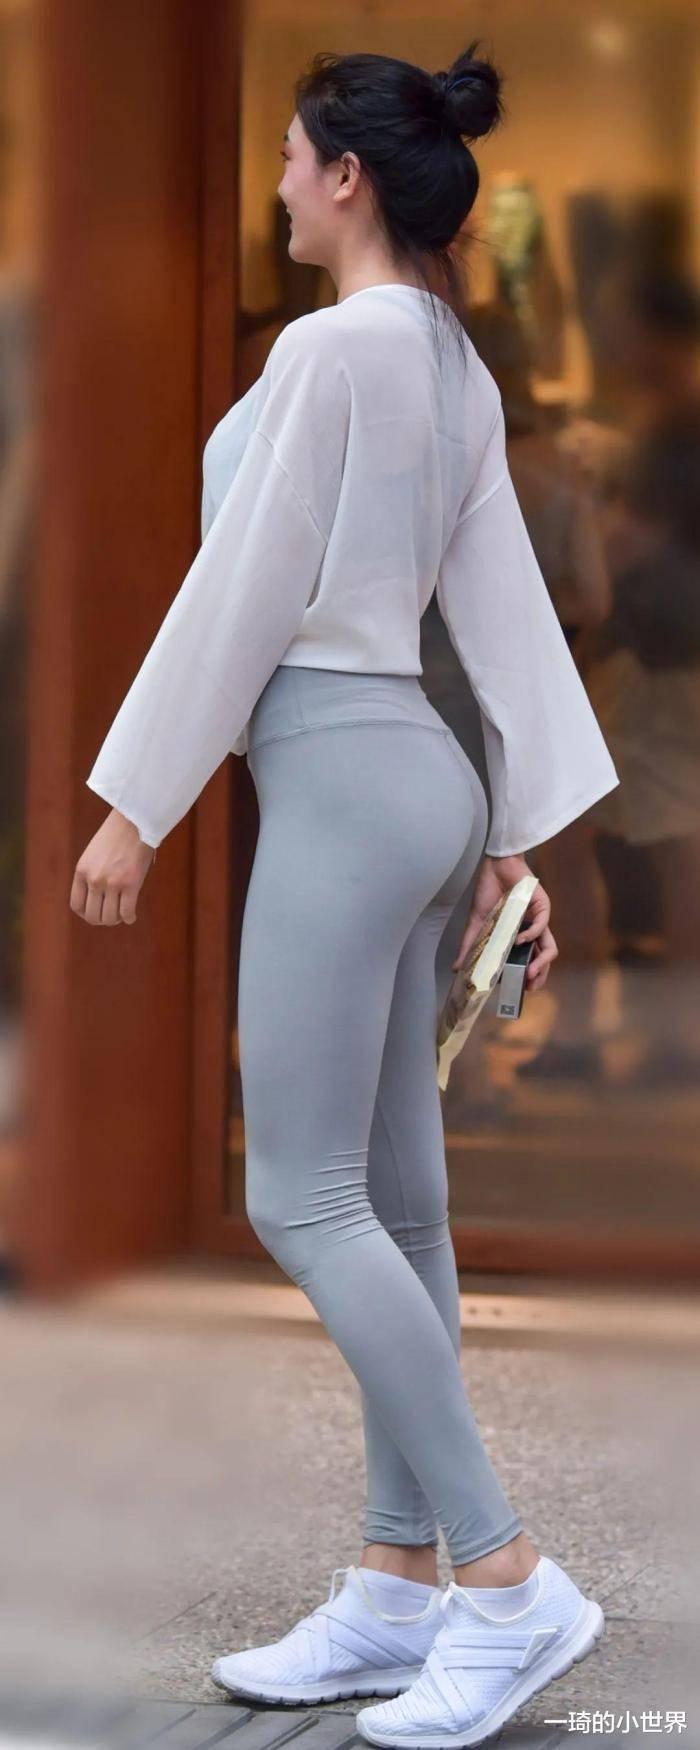 小姐姐穿舒適的運動穿搭,沒想到還這麼顯身材